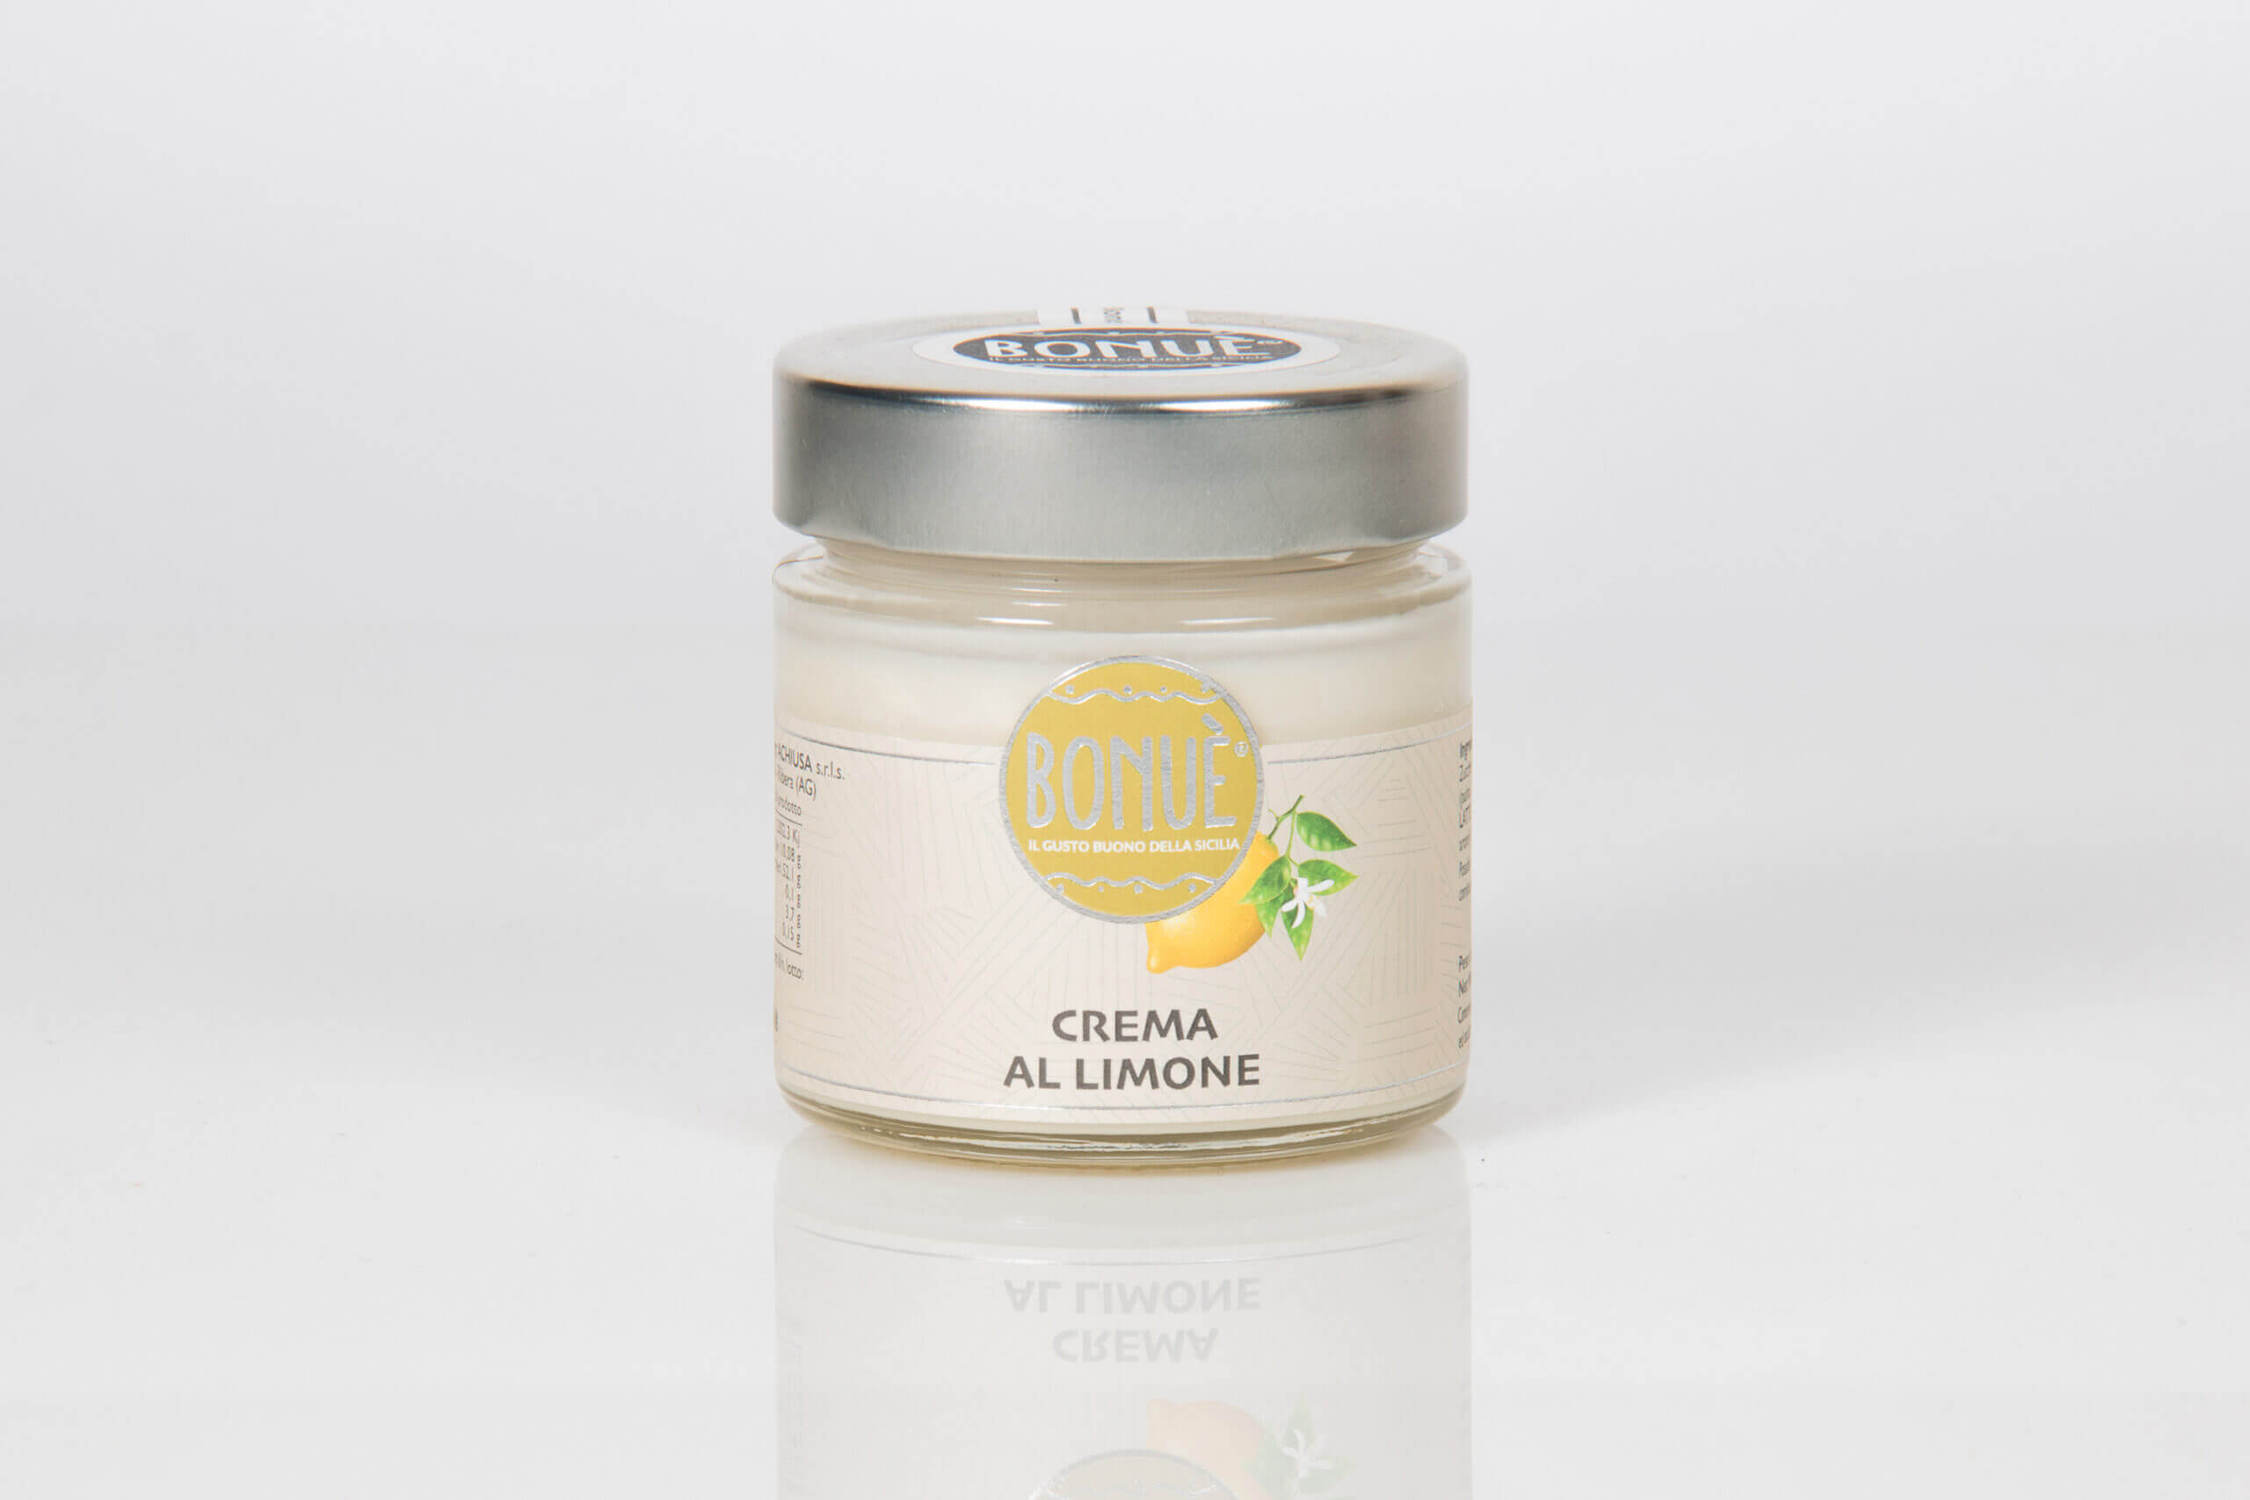 Crema al limone vendita online 250g